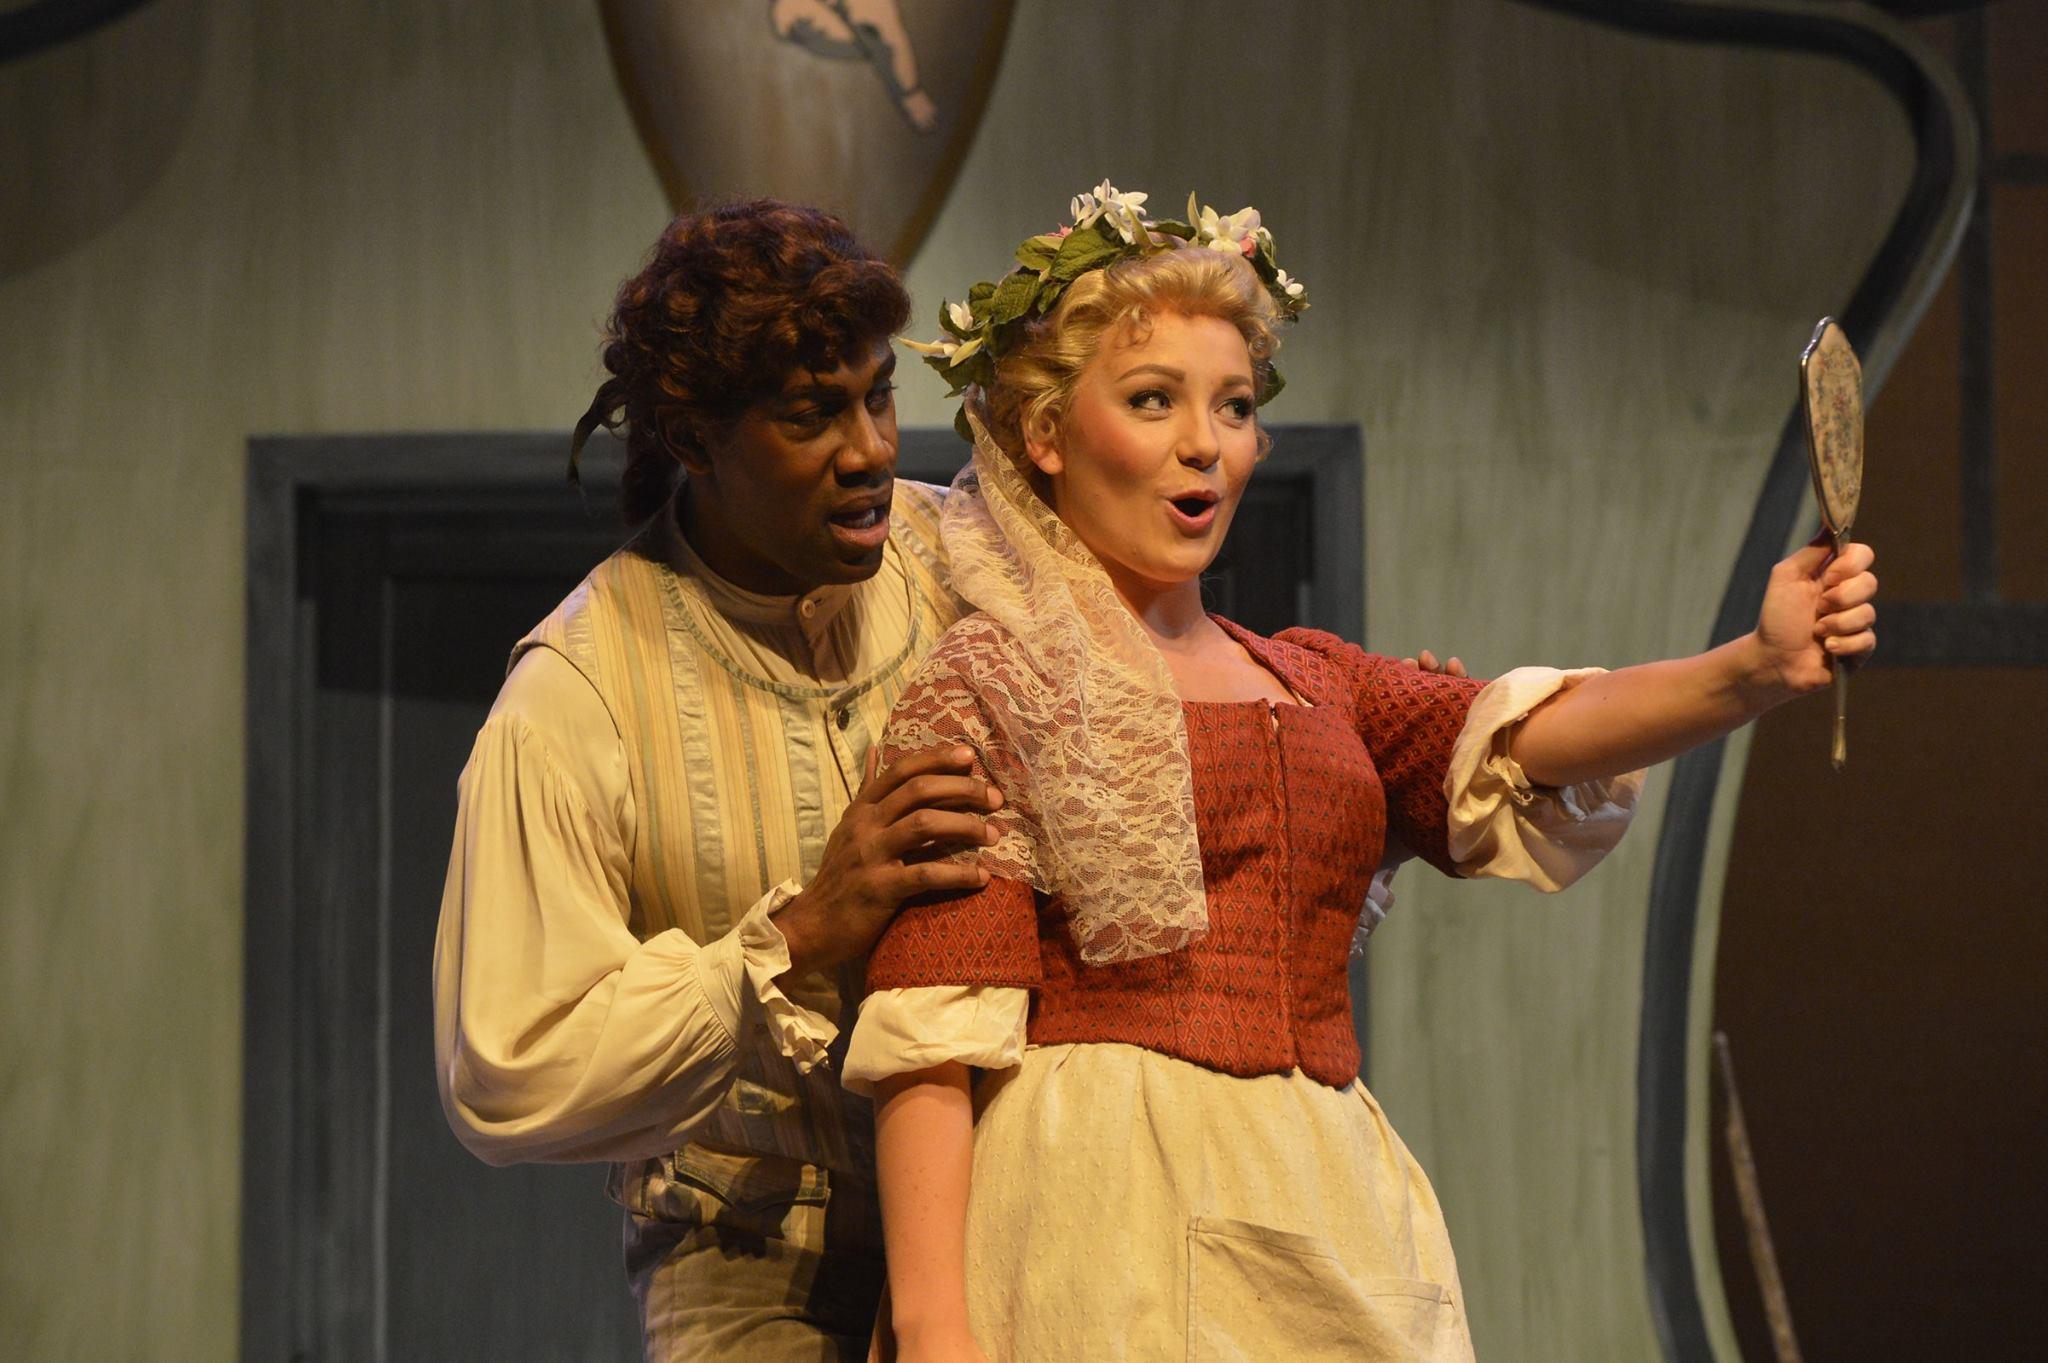 Le nozze di Figaro  at Amarillo Opera